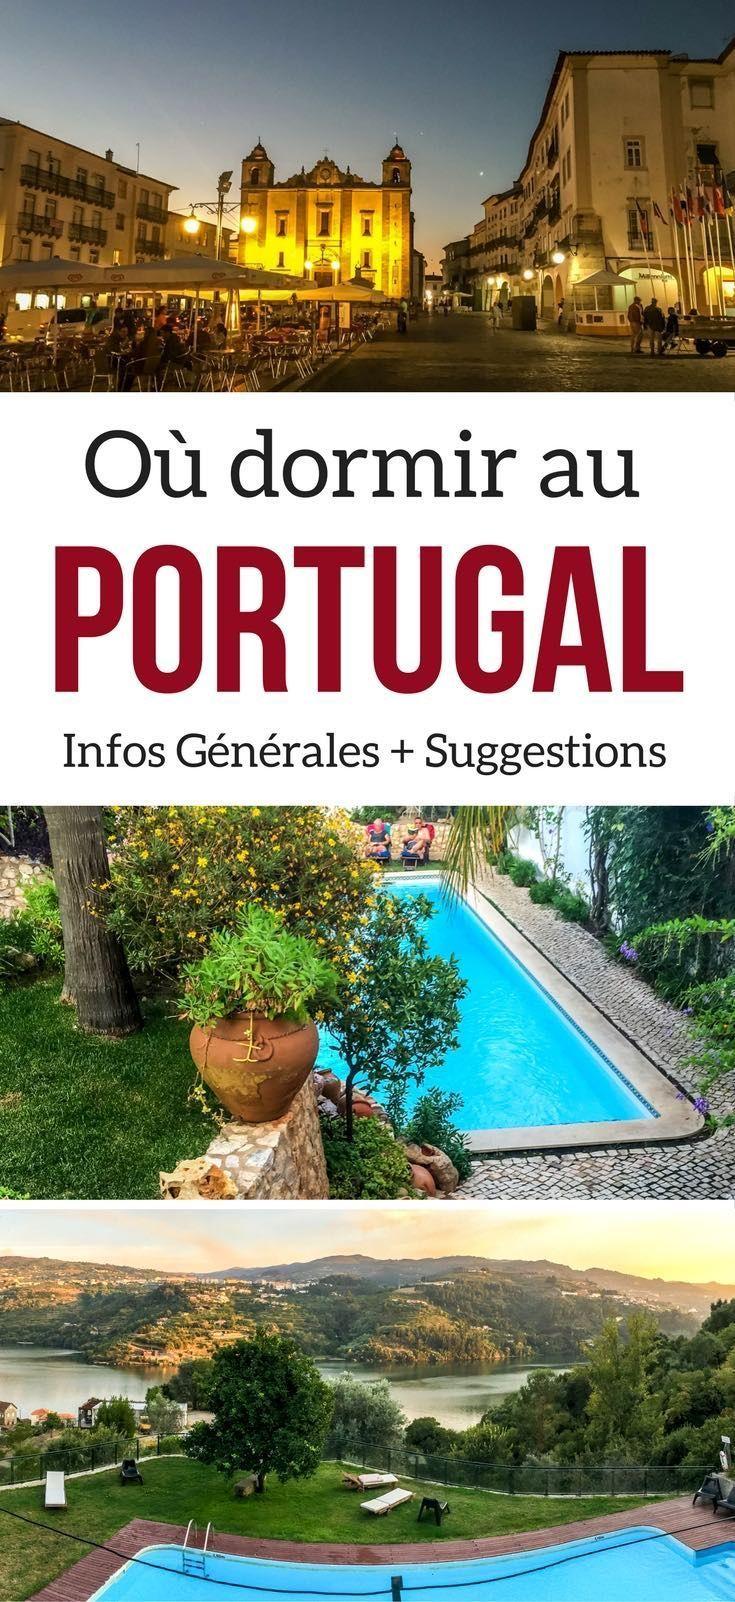 Portugal Voyage - Ou dormir au Portugal - Options et suggestions: hotels au Portugal, Locations d'appartements ou camping au Portugal | Portugal Lisbonne | Portugal hotels